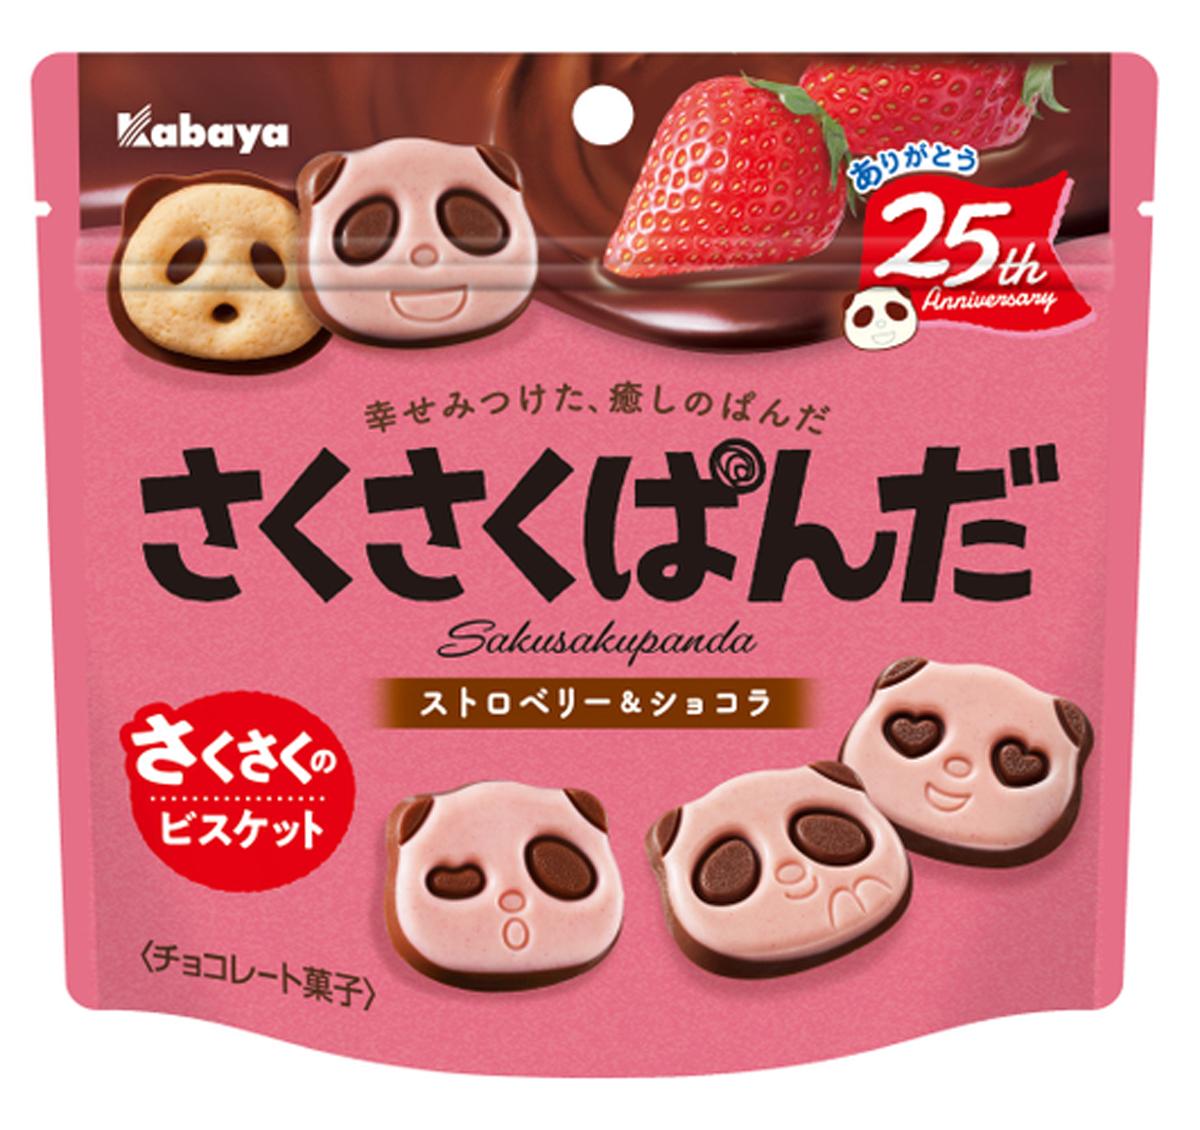 「さくさくぱんだ ストロベリー&ショコラ」期間限定発売 ぱんだの顔は70種類